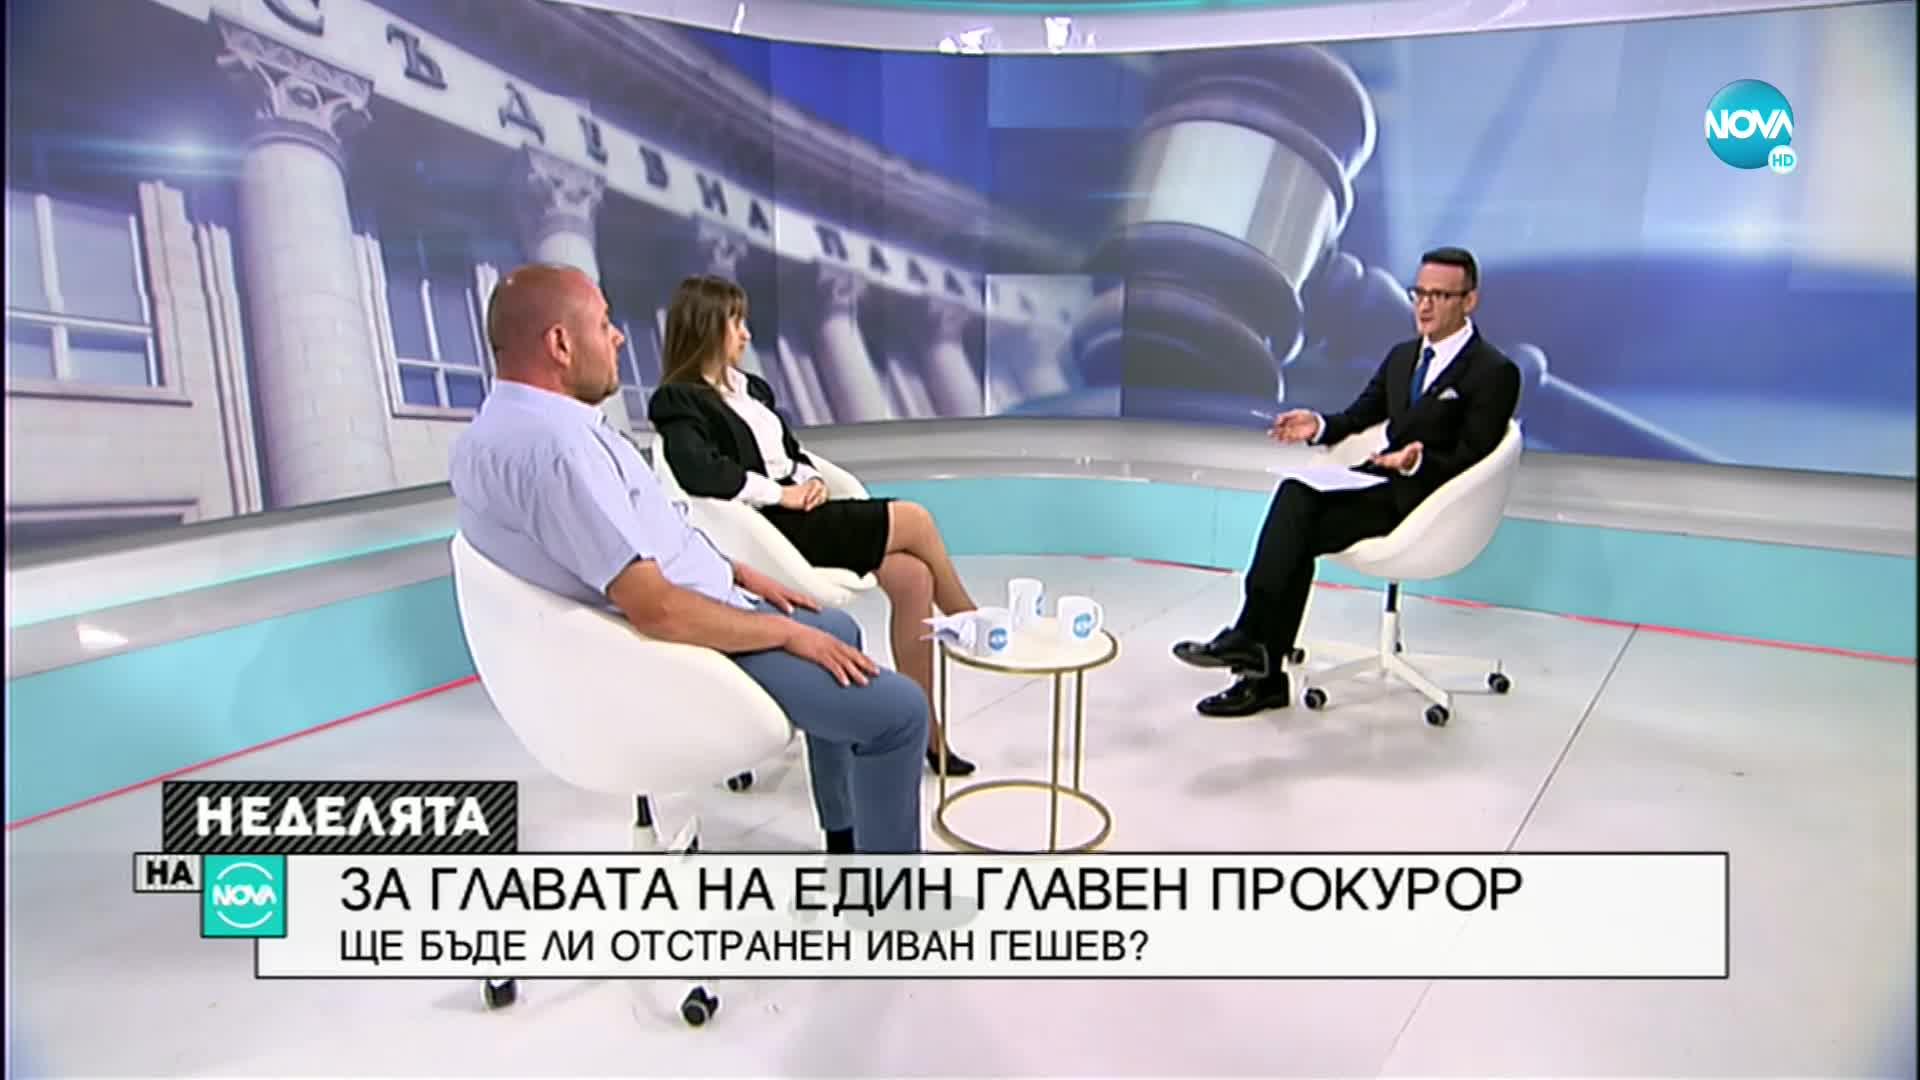 ЗА ГЛАВАТА НА ЕДИН ГЛАВЕН ПРОКУРОР: Ще бъде ли отстранен Иван Гешев?